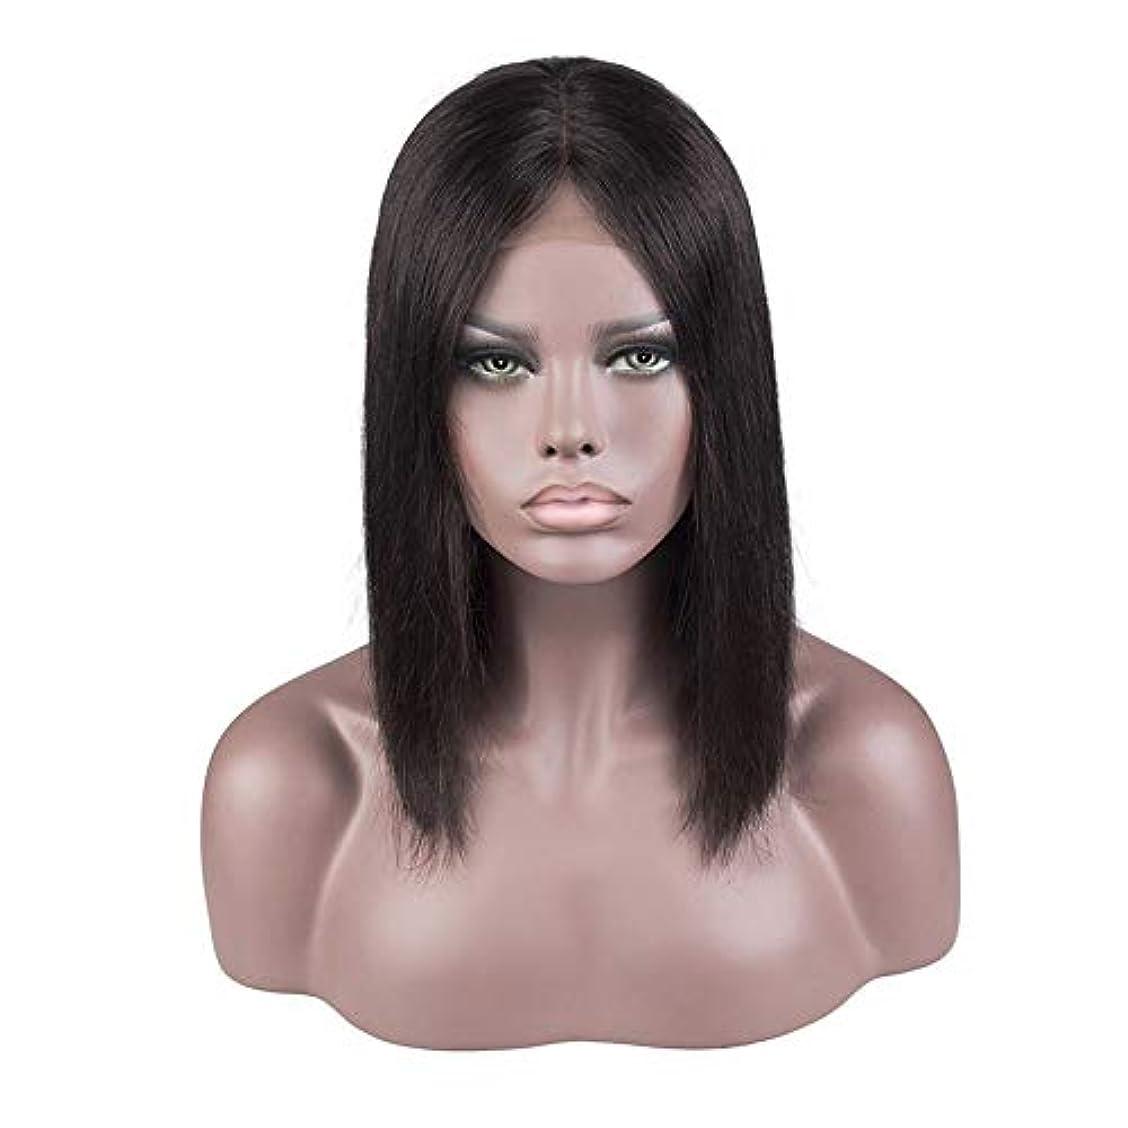 伝えるいっぱい好色なWASAIO 4x4厚いミドルパートボブ無弓レース閉鎖ブラジルバージン人間の髪アクセサリースタイルの交換のための自然な色 (色 : 黒, サイズ : 10 inch)